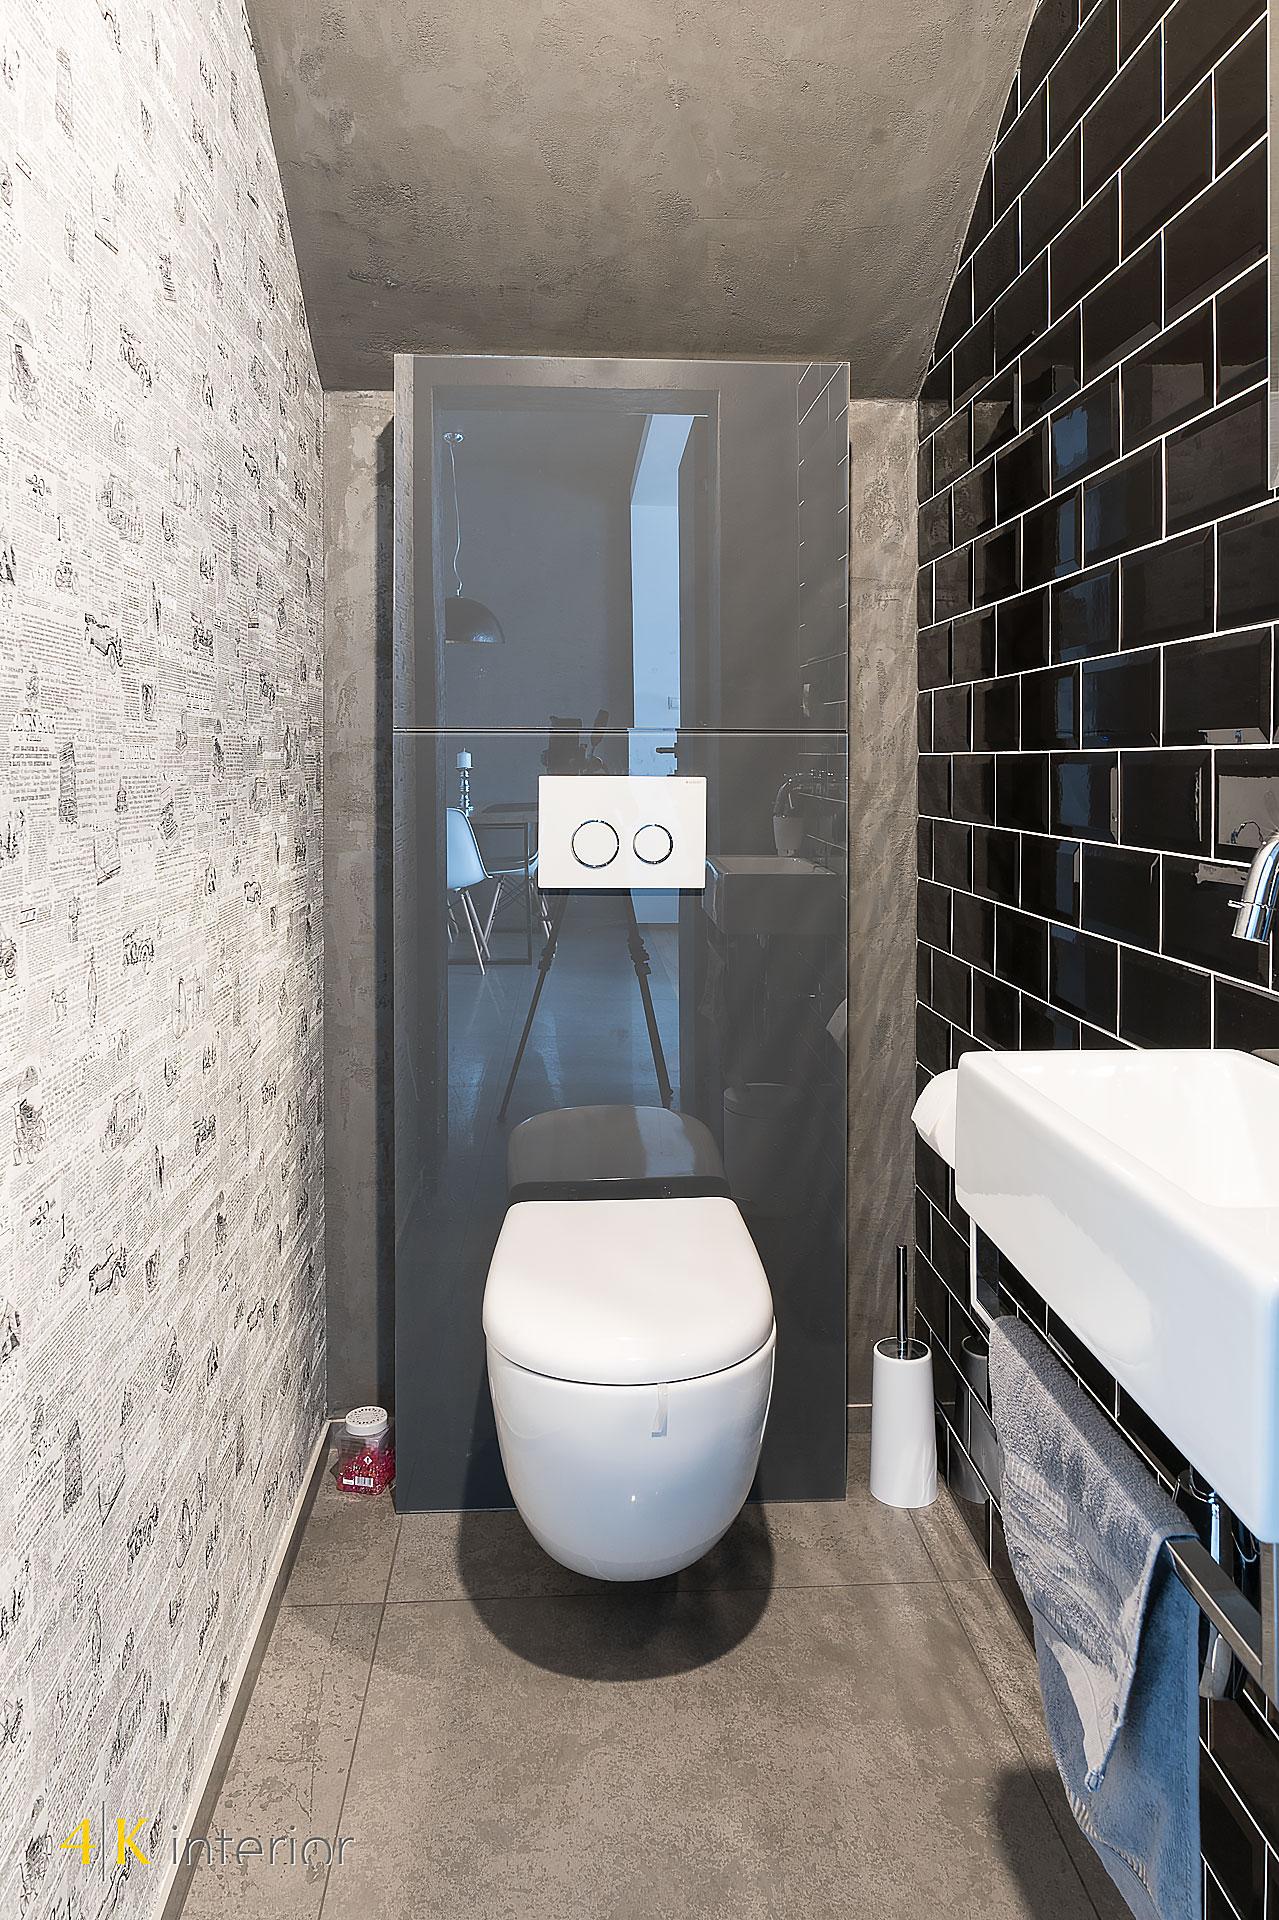 NOWOCZESNE-WNĘTRA-DOMU-Z-MOTYWEM-ELIPSY-04 oryginalna toaleta z fototapetą